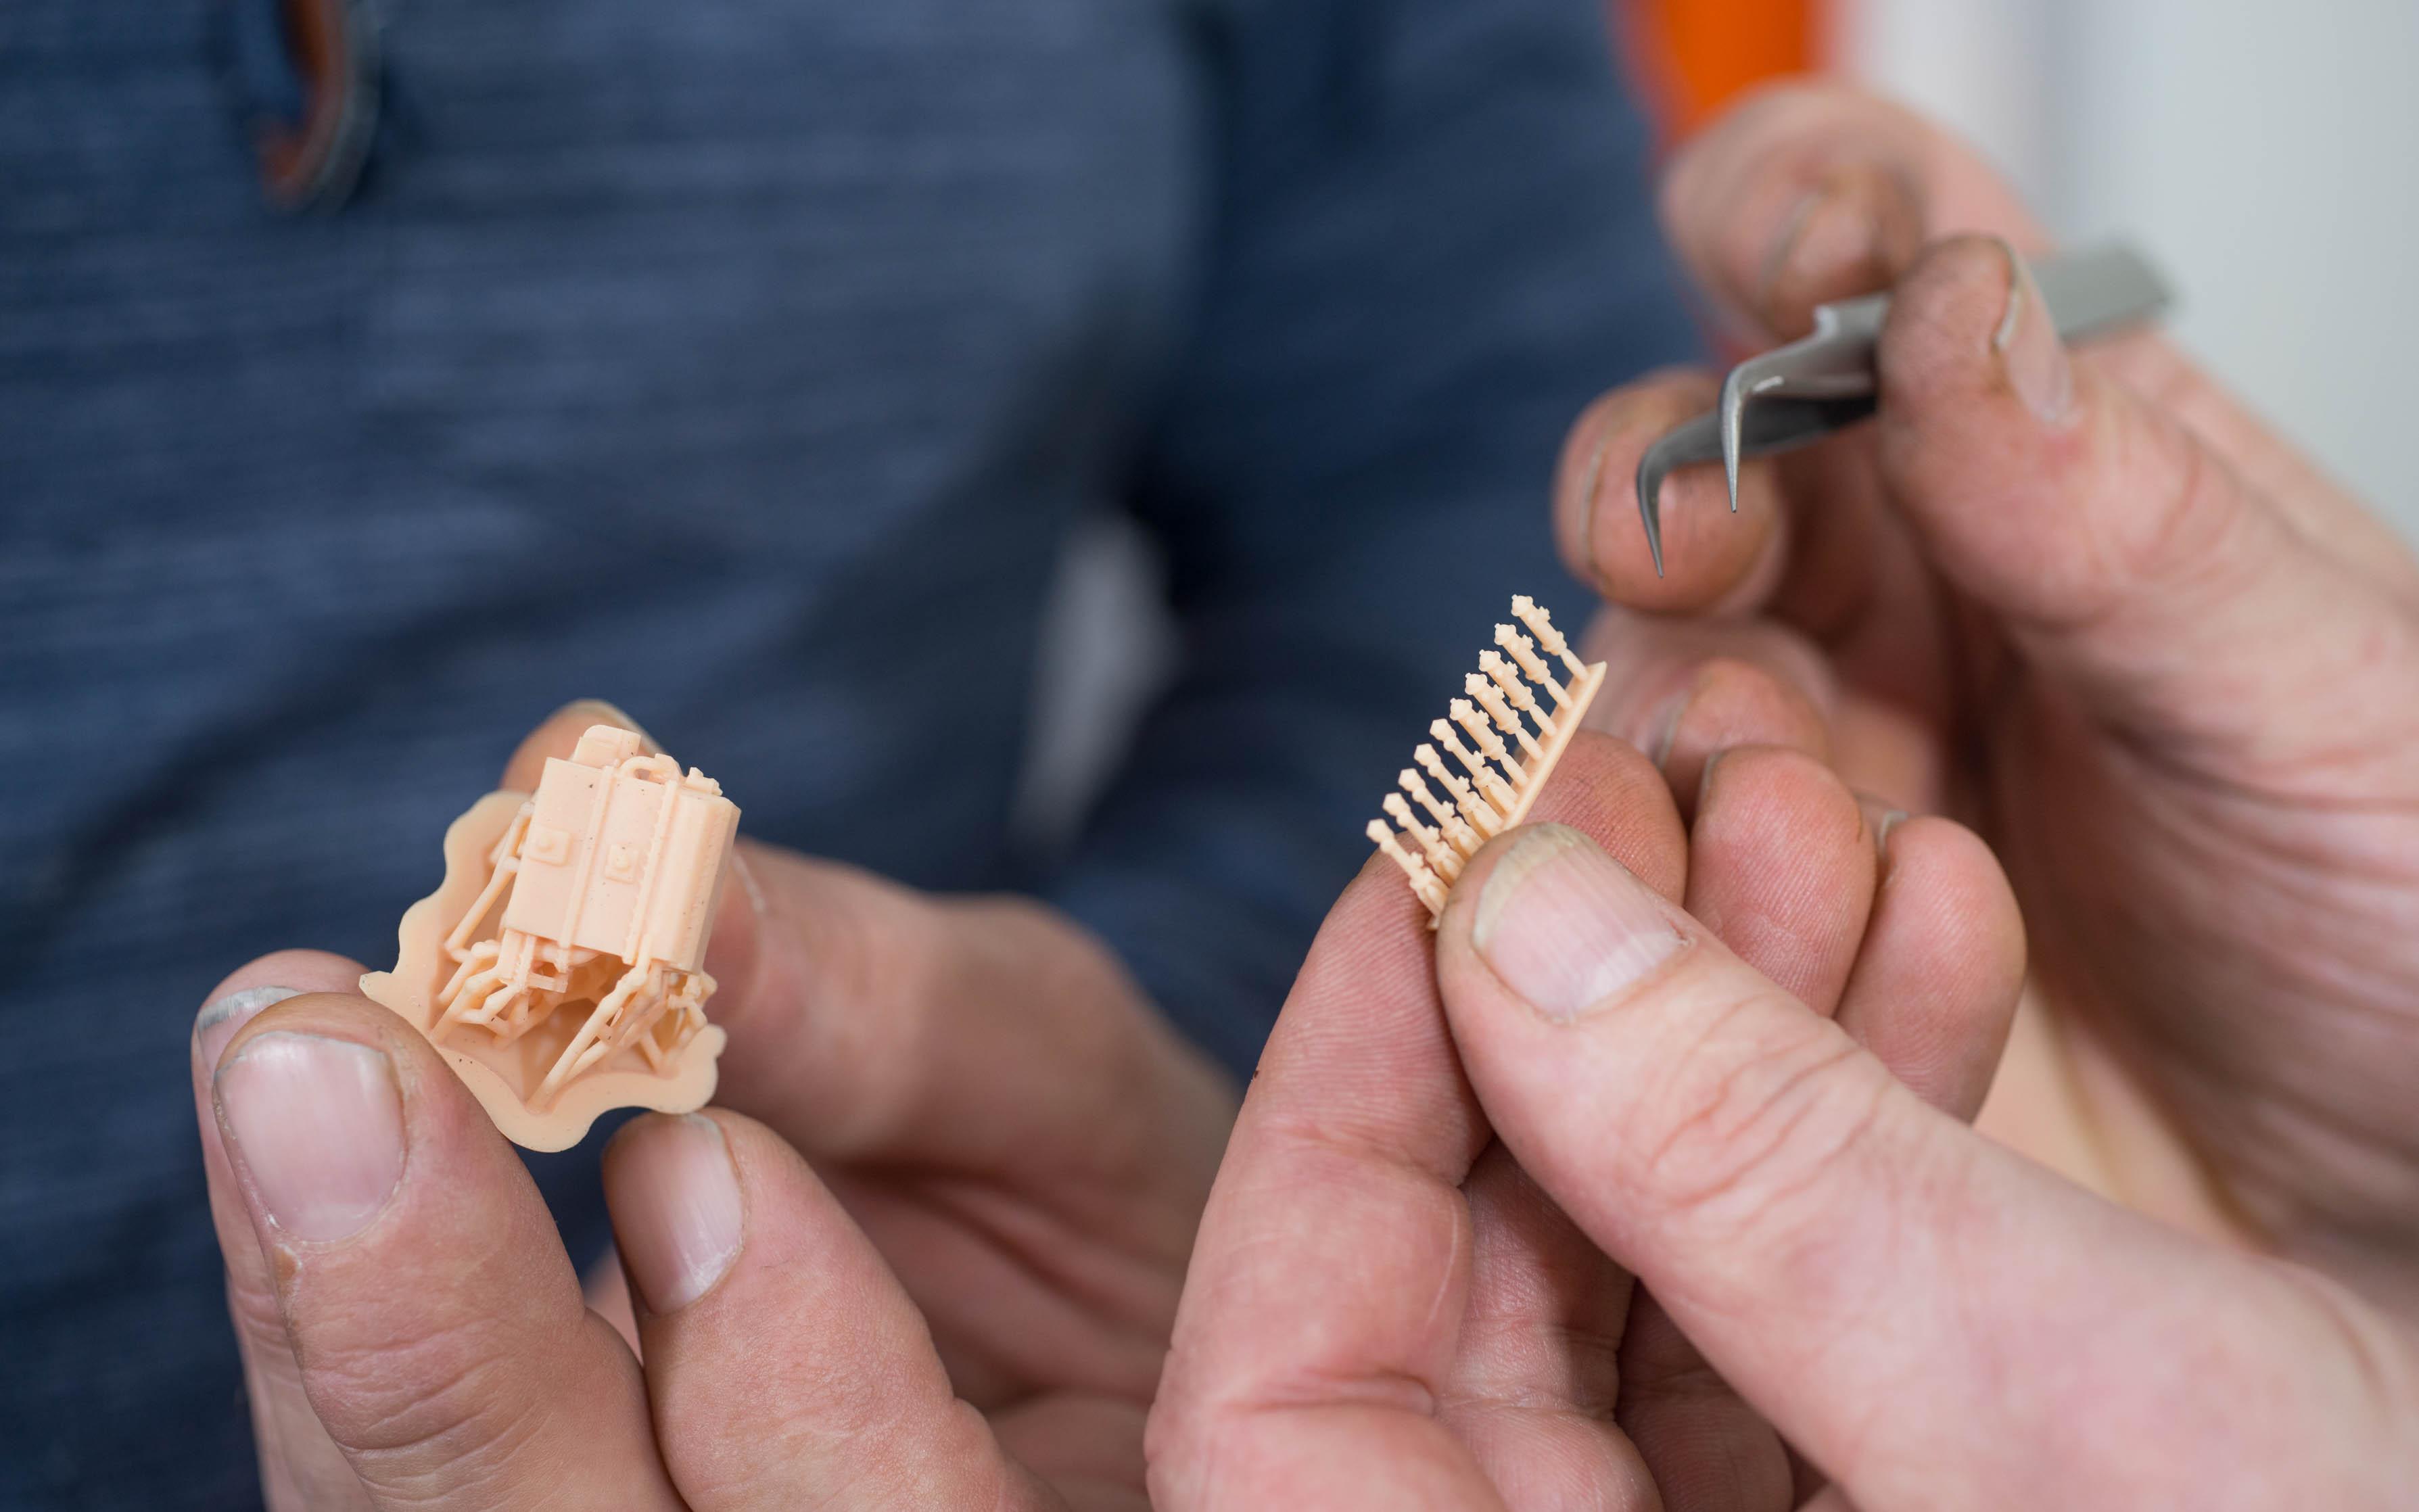 Komplexes Modell mit vielen Hinterschneidungen (links) und Kleinsteile (rechts), mit Formlabs' präzisestem Material Modell Kunstharz und einer Auflösung von 50 und 25 Mikron. Foto: Ken Giang